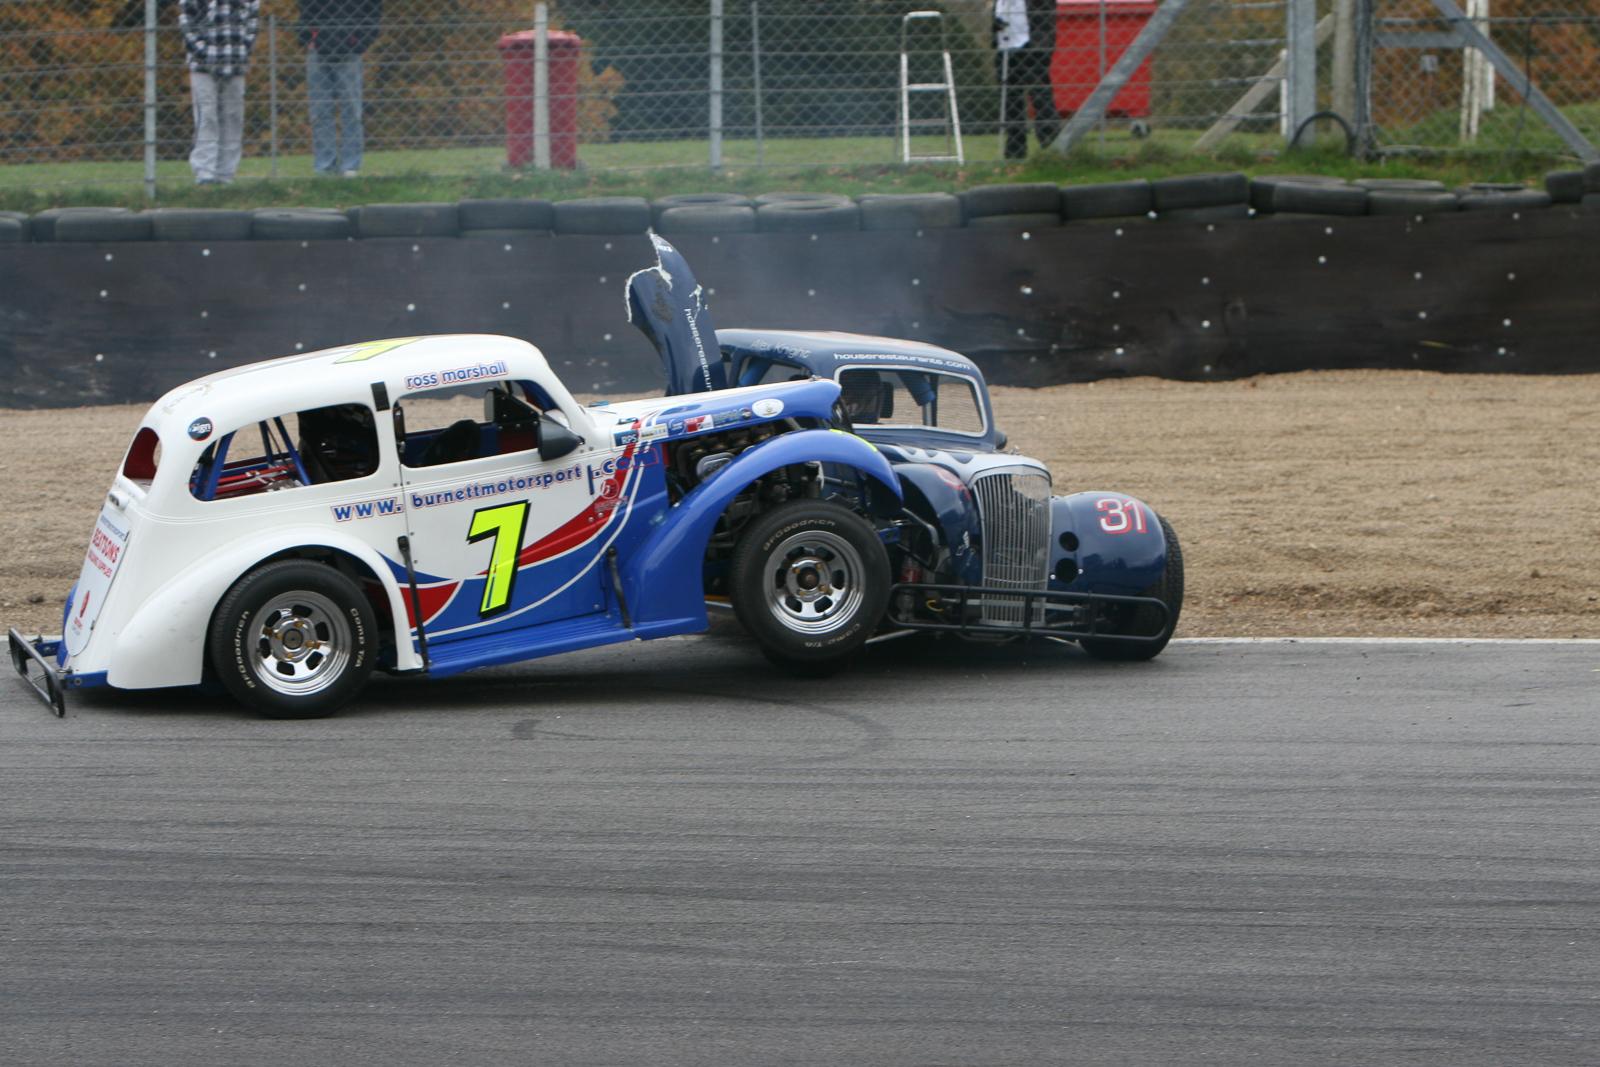 20071103 - Truck Racing Brands -071103 -044